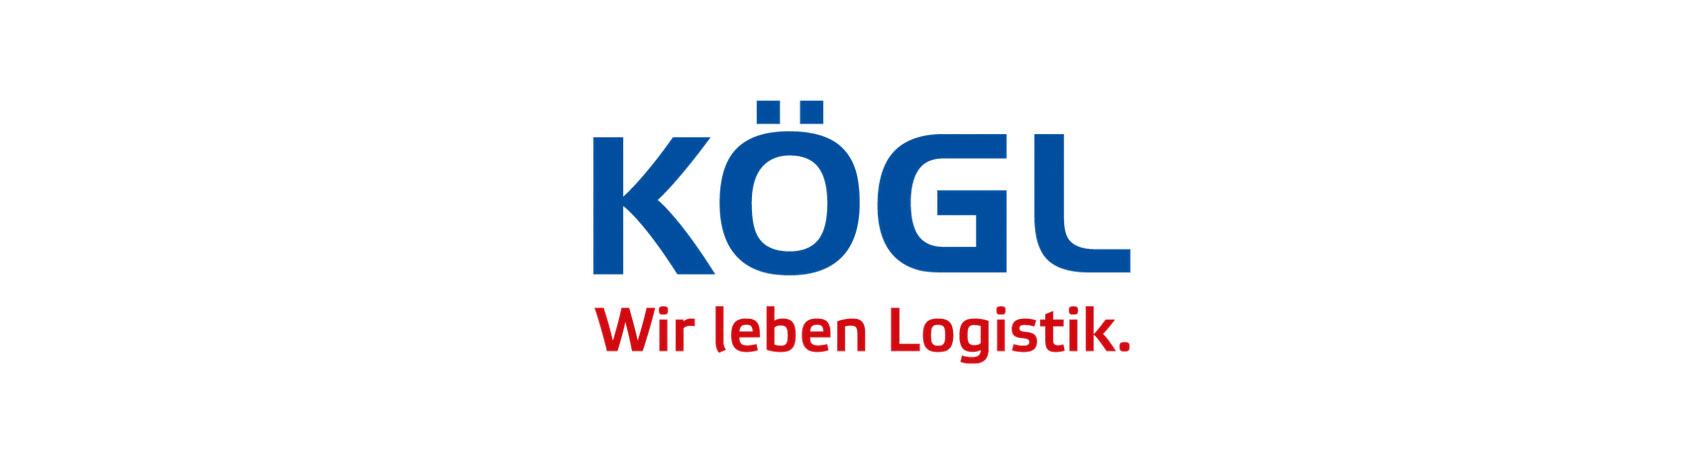 Friedrichshafener Logistiker KÖGL wirbt mit der Agentur FROG KING